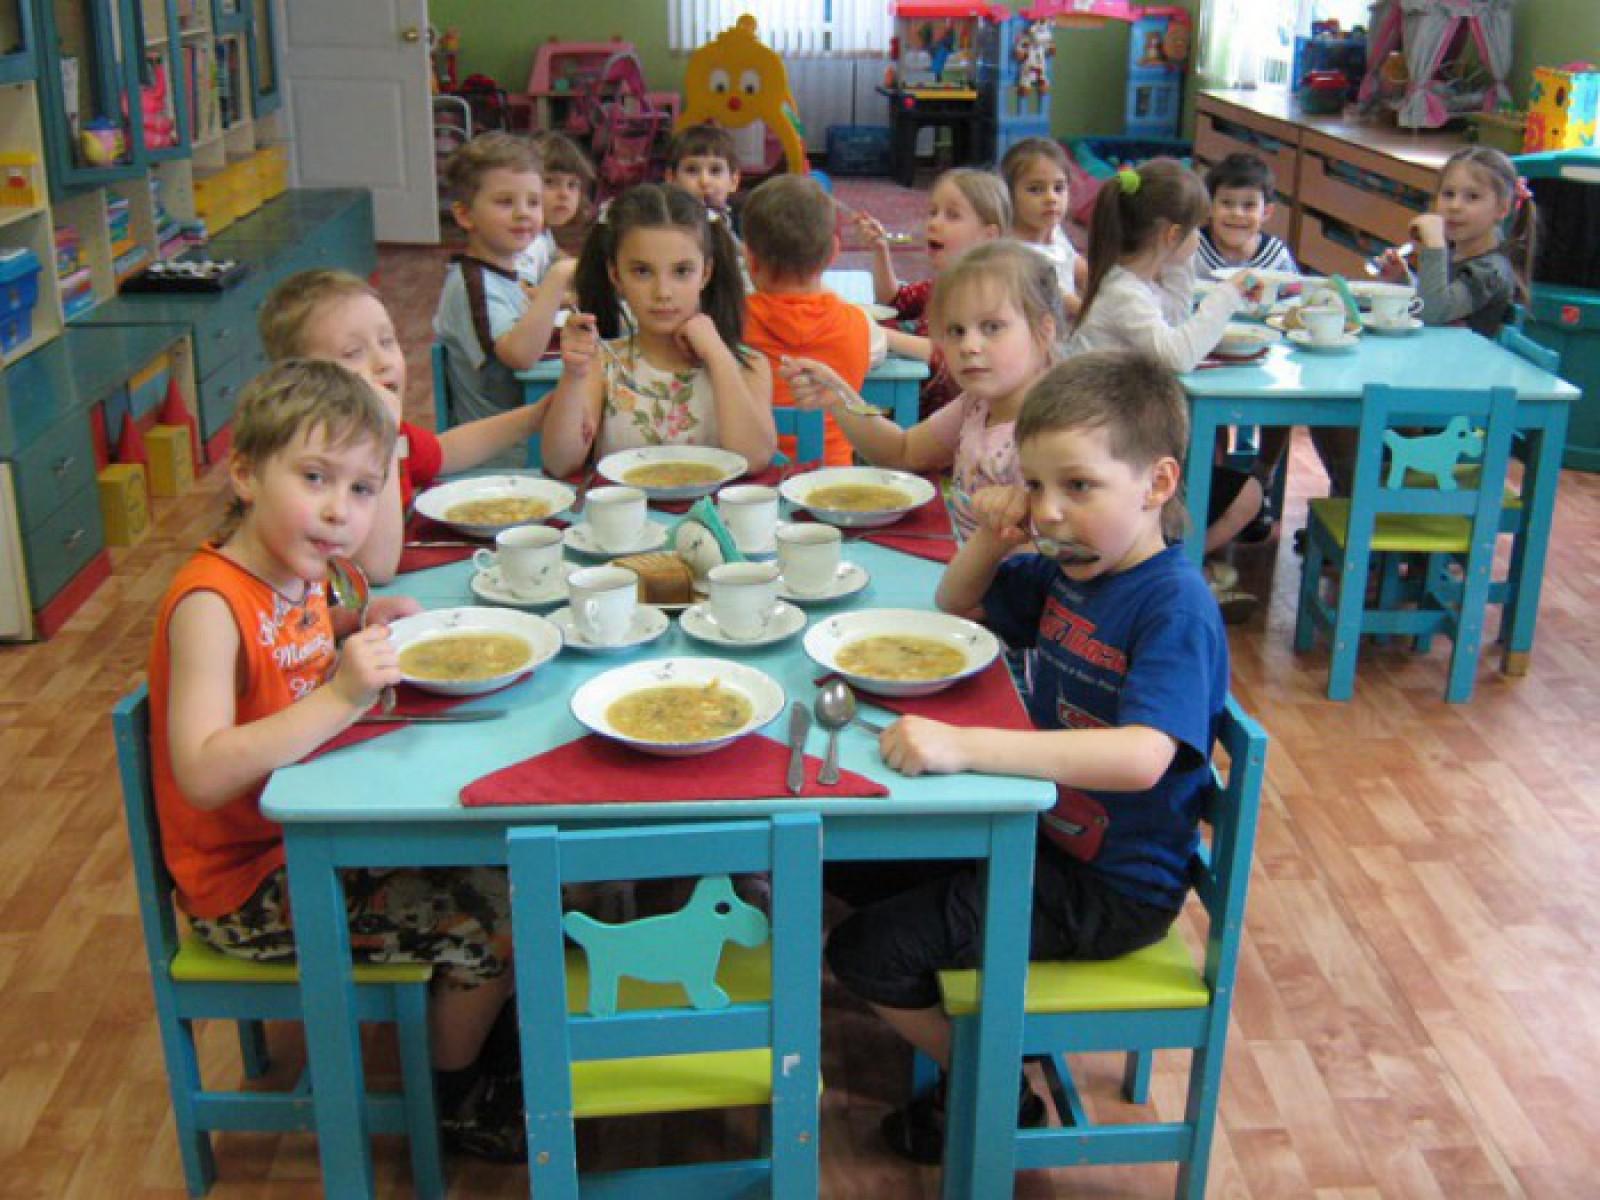 Fără peltea și mai puțin zahăr în meniul copiilor. S-au efectuat modificări în regimul alimentar în instituţiile de învăţământ